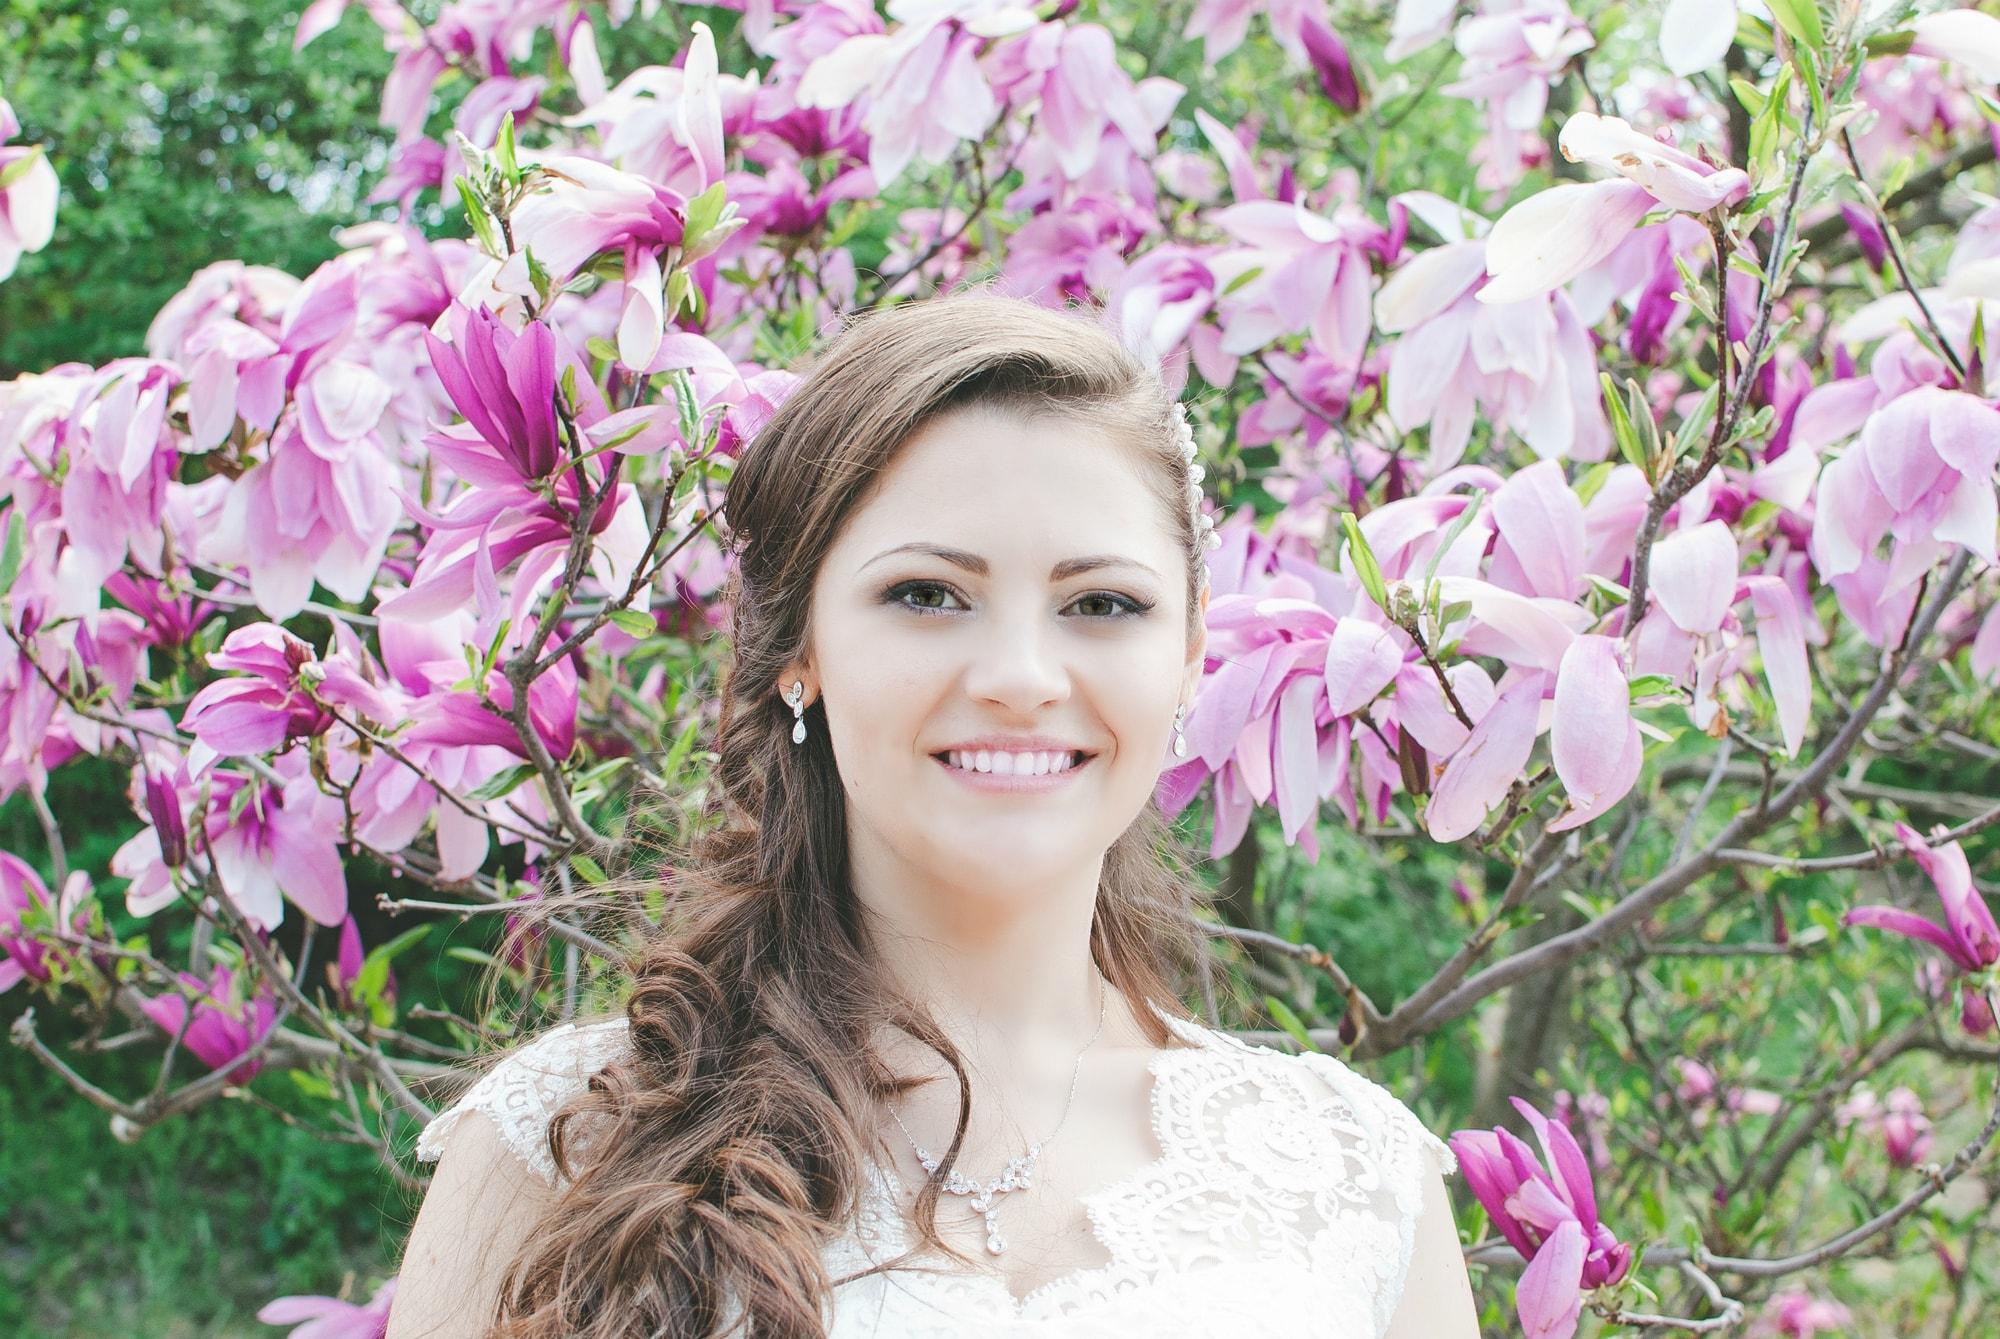 Невеста и магнолии - фотограф Женя Лайт